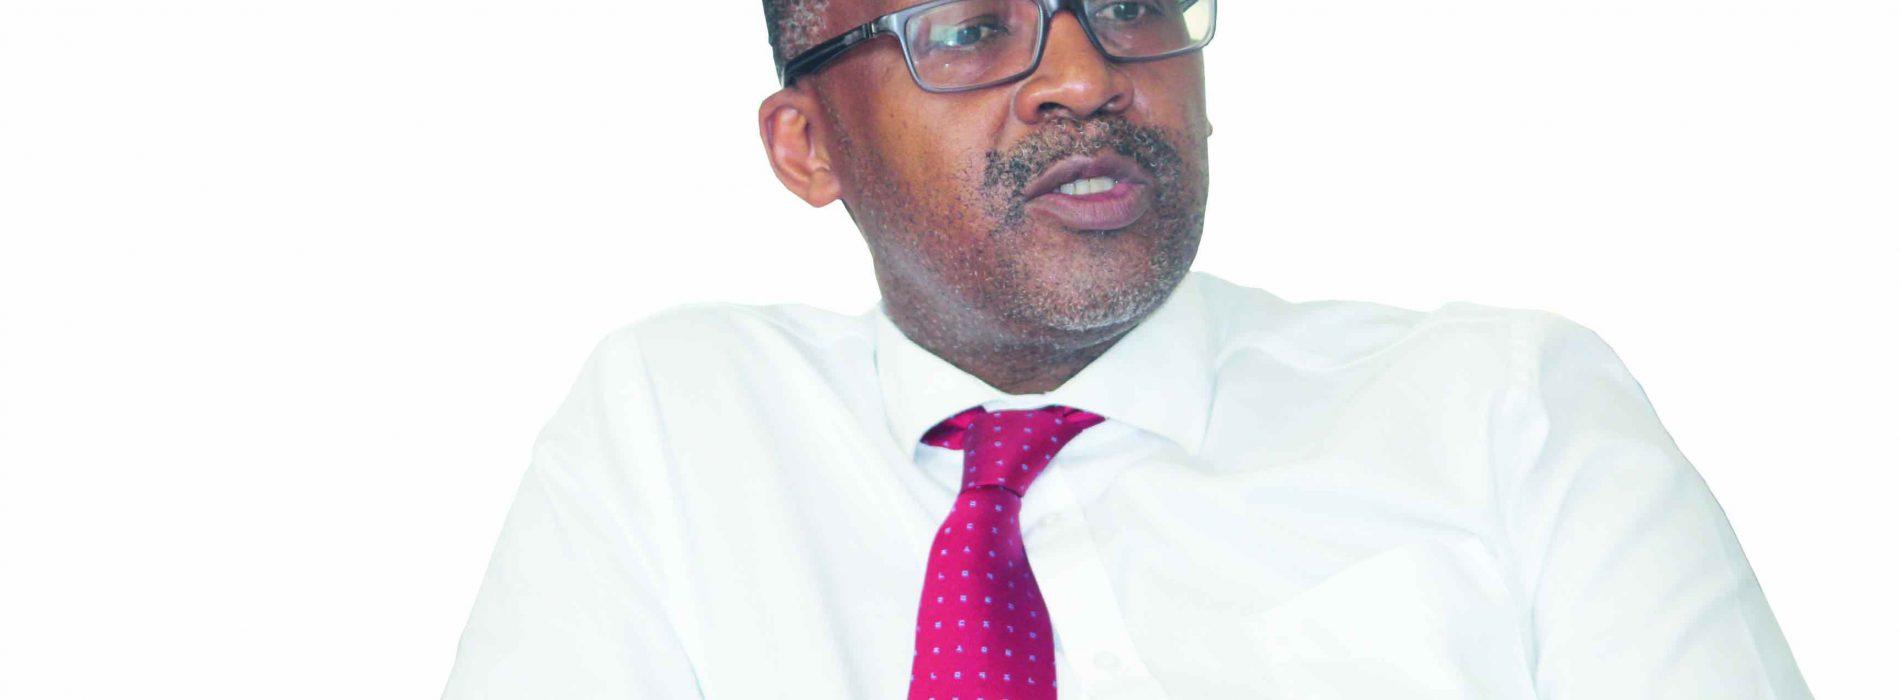 We've zero risk  for coronavirus, says minister